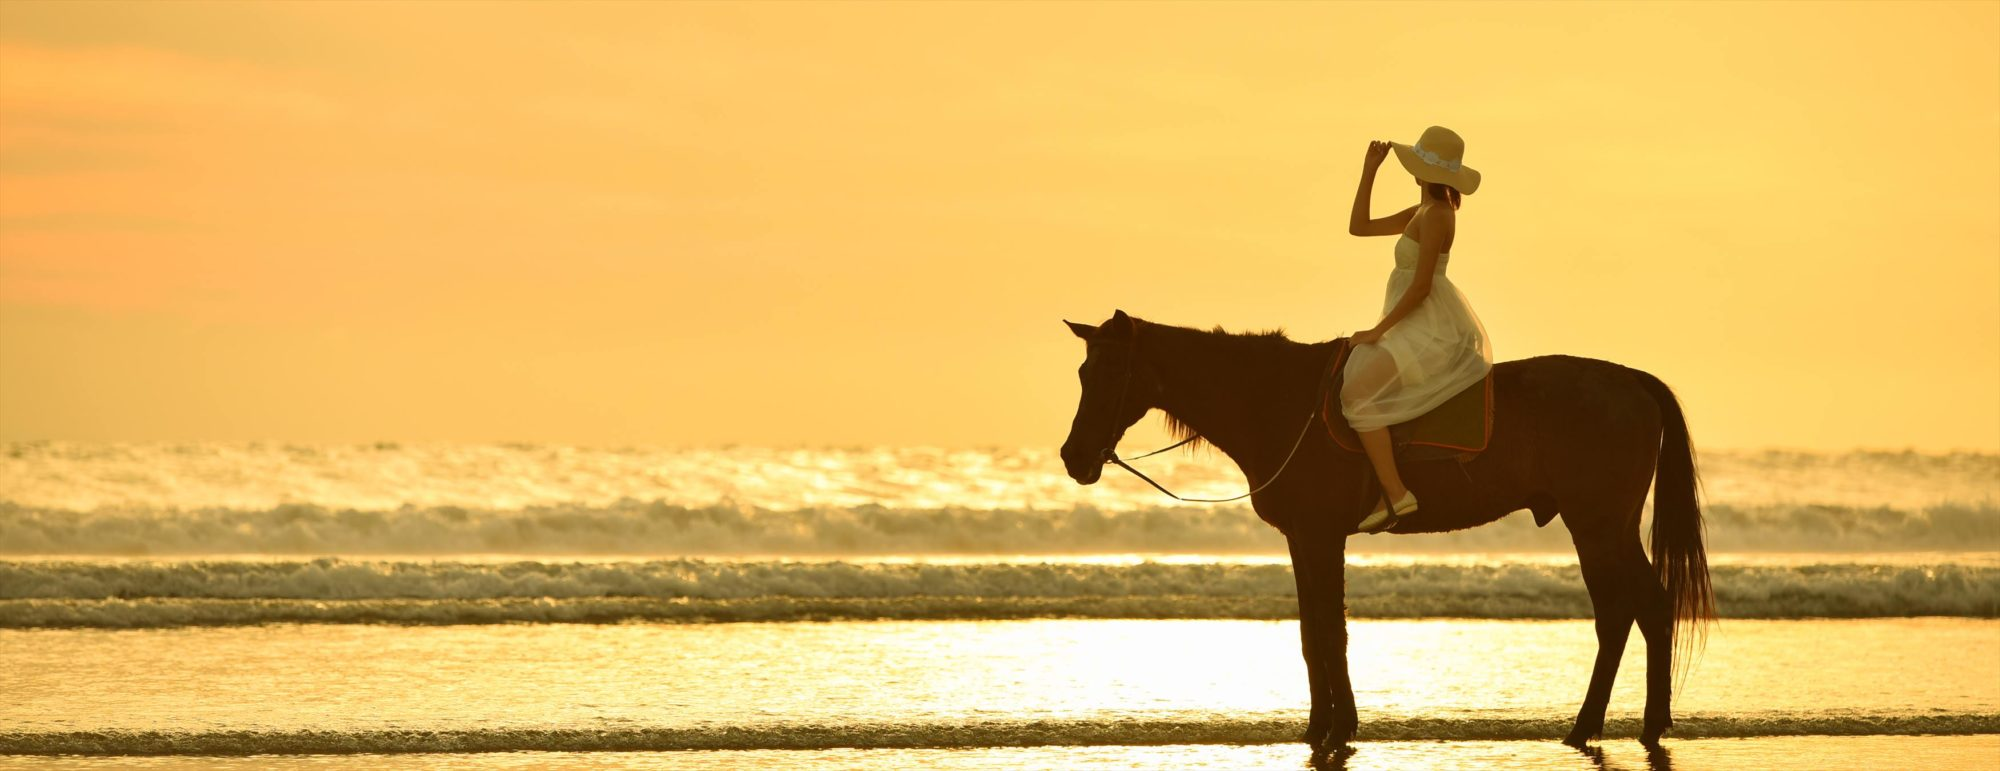 バリ島サンセット・フォトウェディング Seminyak Beach Sunset Horse Riding スミニャック・ビーチ・ホース・ライディング